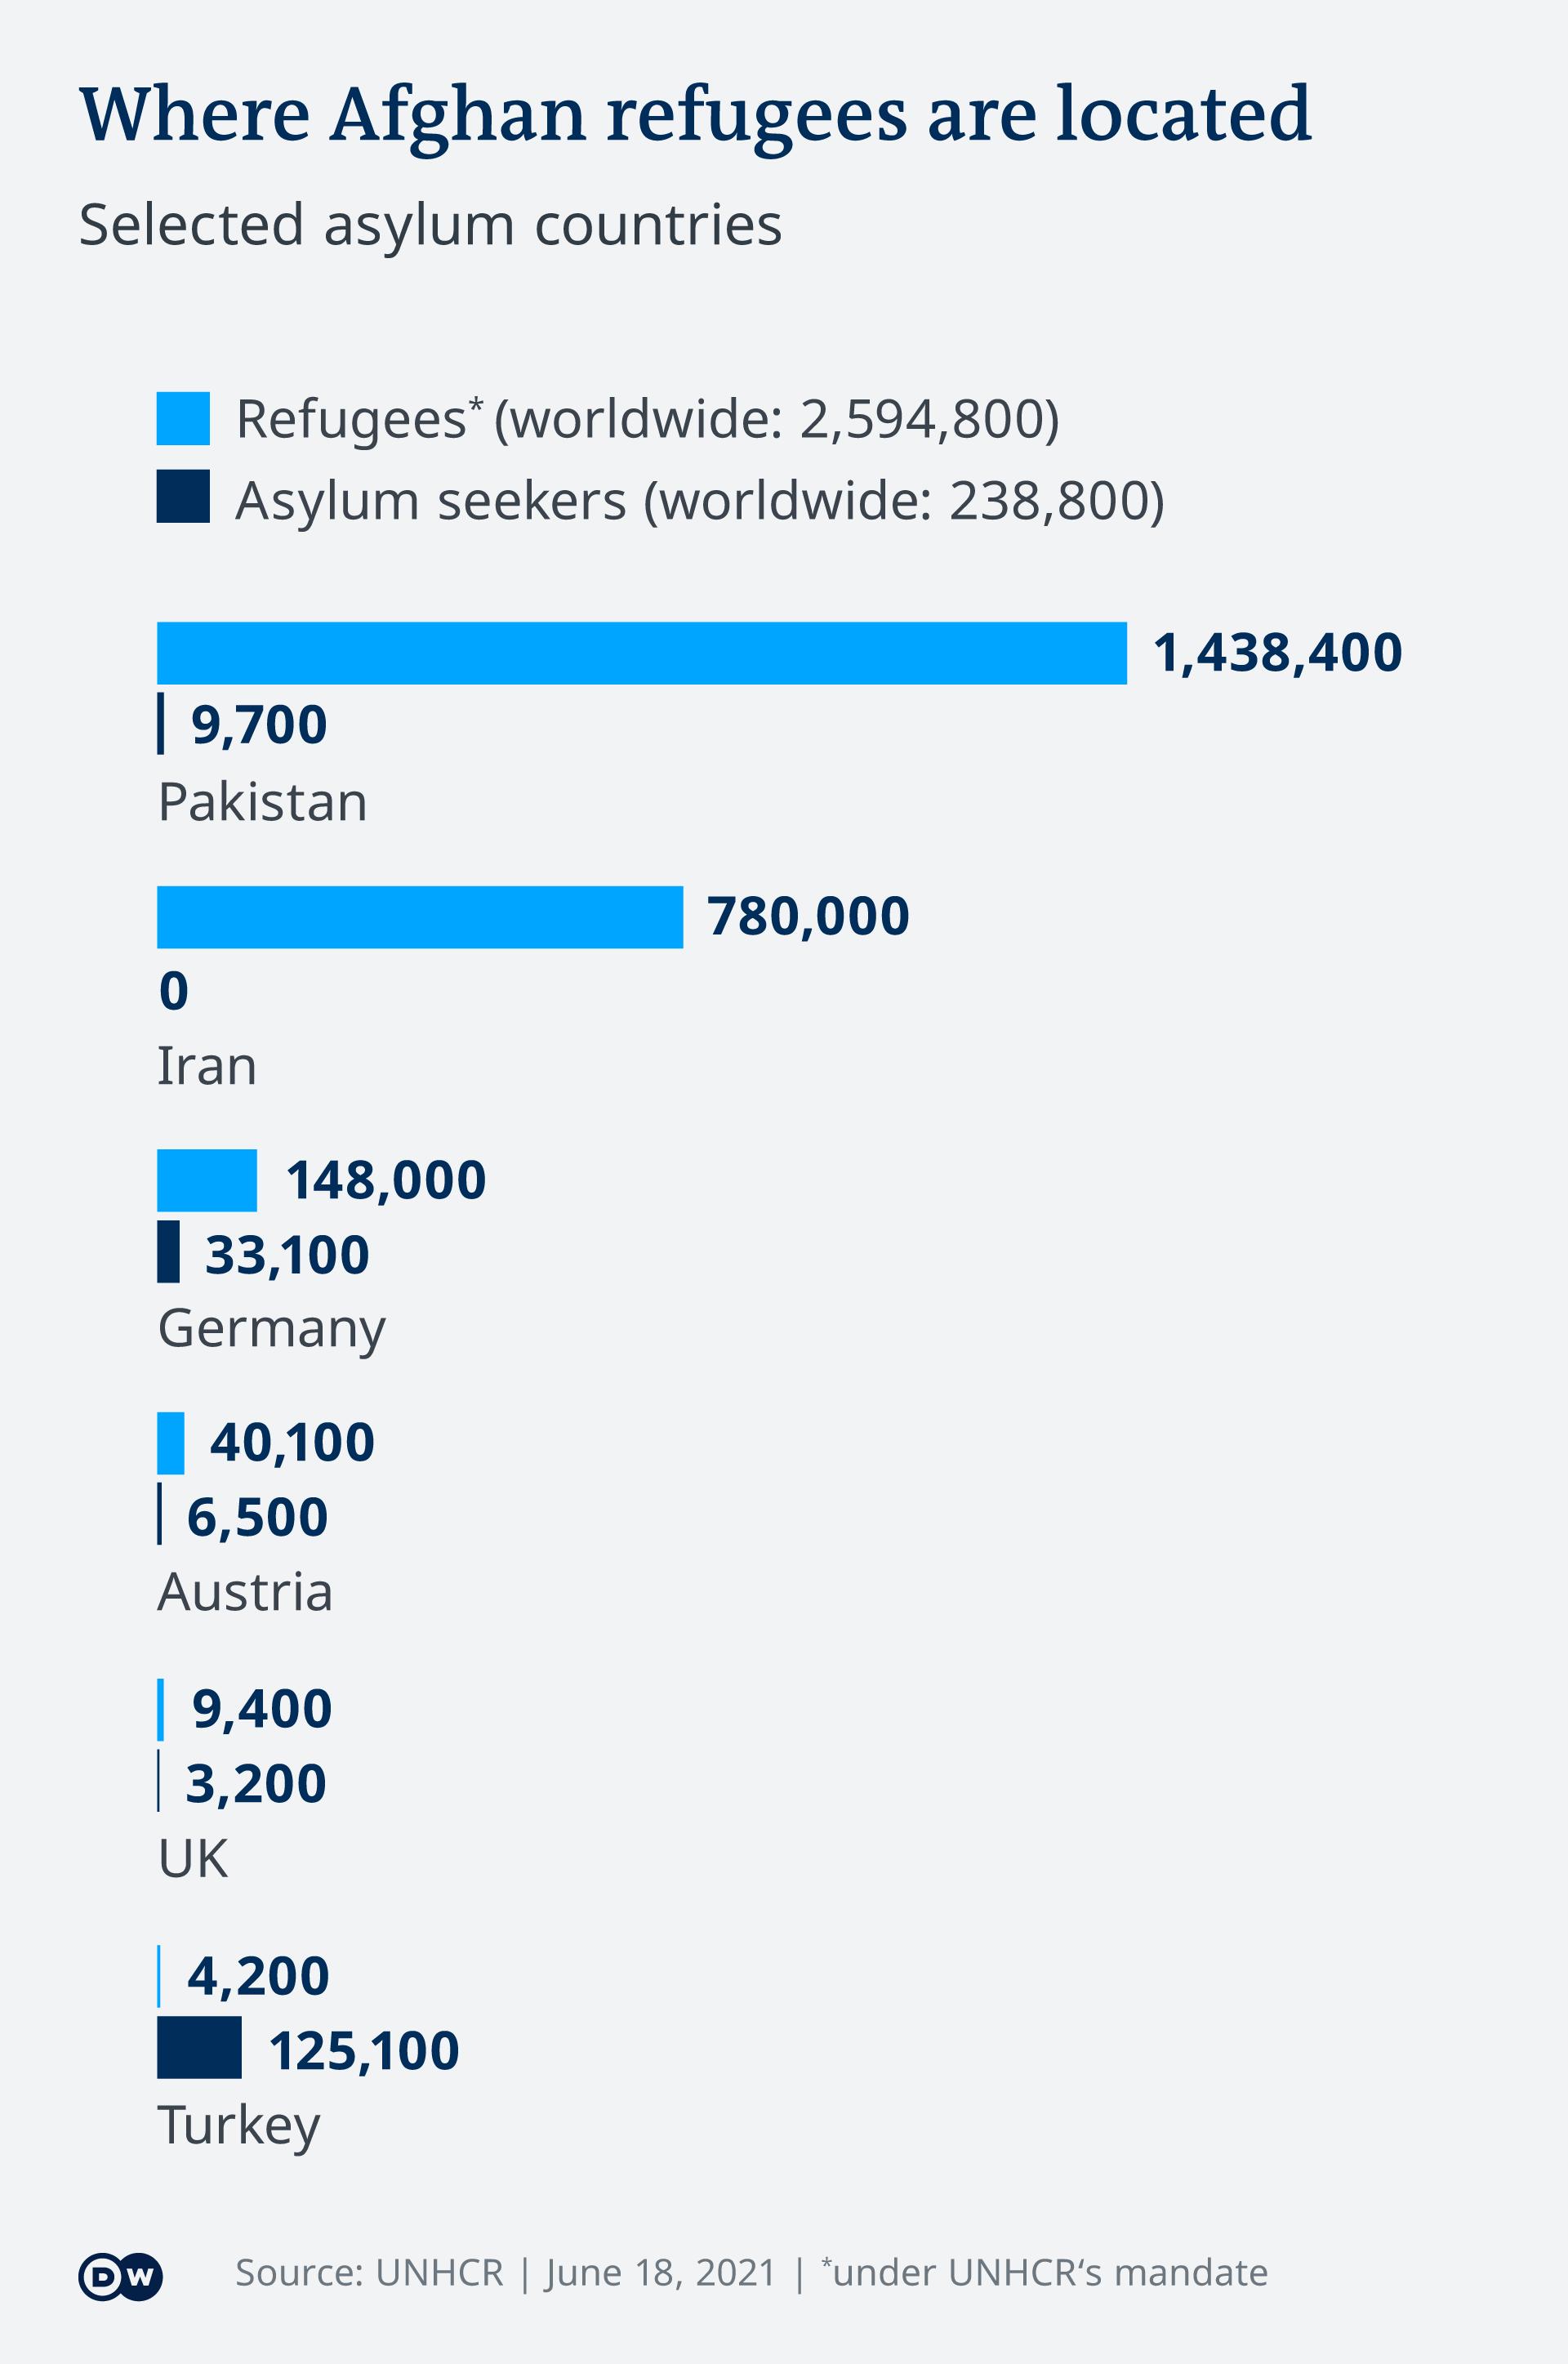 Χάρτης που δείχνει την κατανομή των προσφύγων στην Ευρώπη